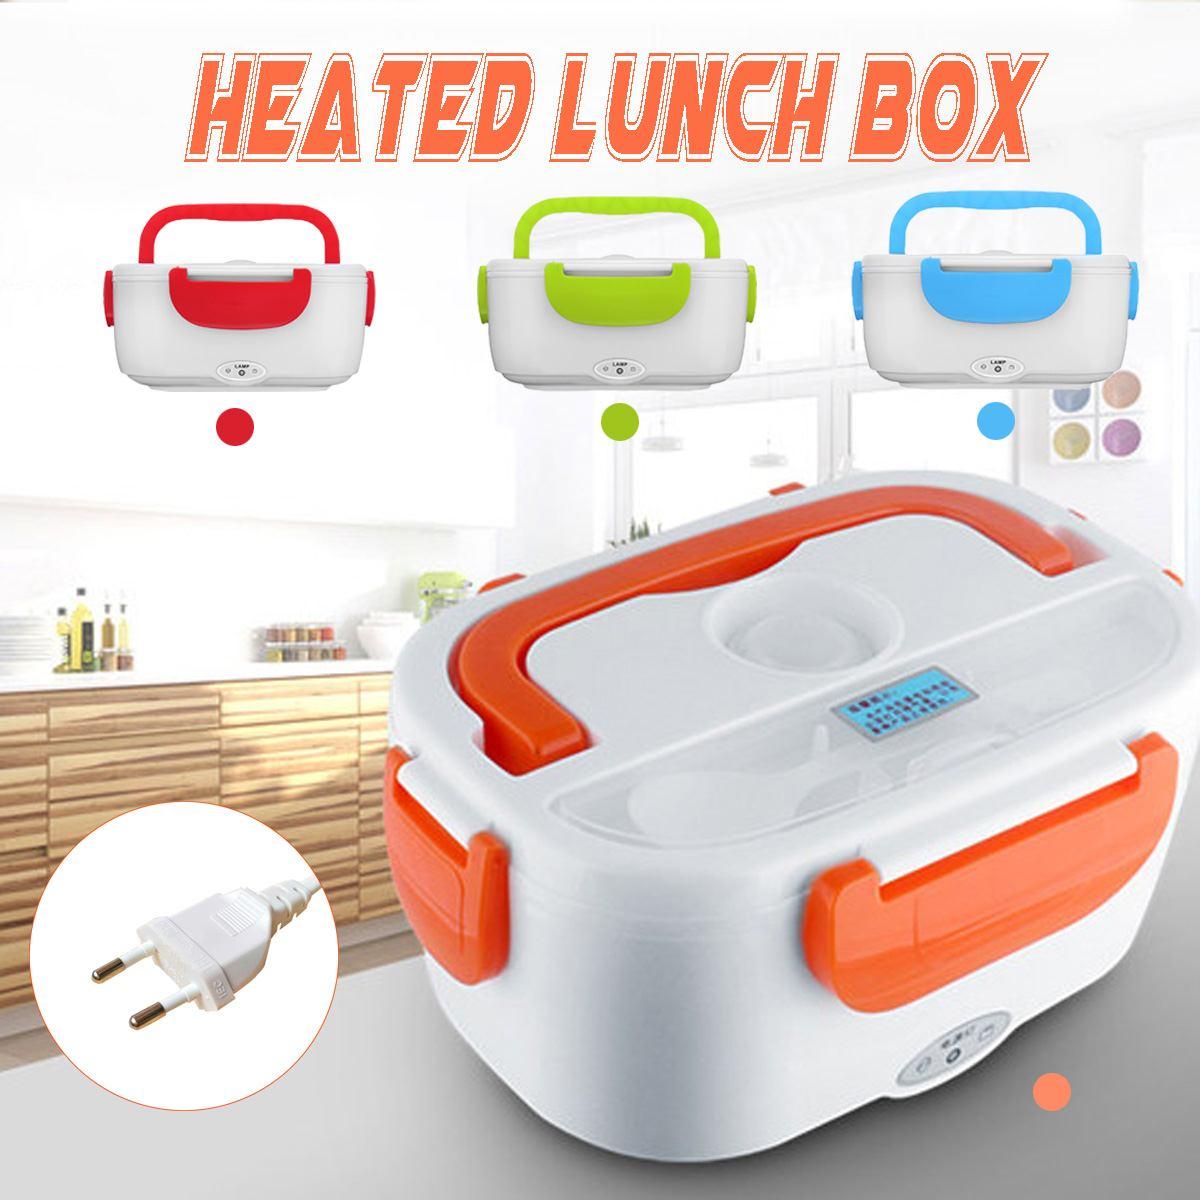 220 В портативный электрический нагреватель Ланч-бокс для хранения пищевых продуктов Bento Контейнер для риса для дома и офиса